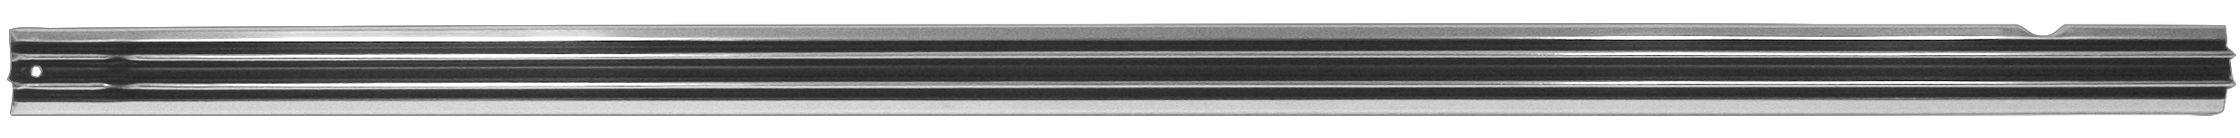 1969-72 C10 upper door molding with clips